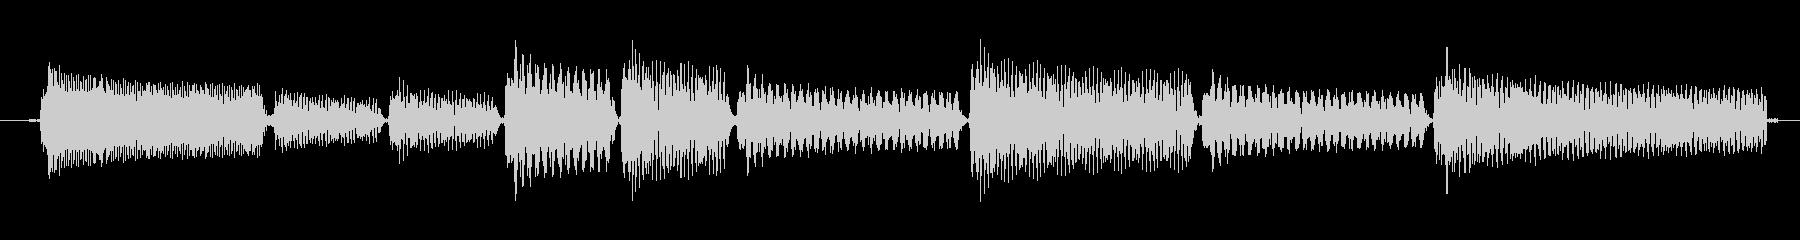 【トイピアノ/ショートループ/ジングル】の未再生の波形